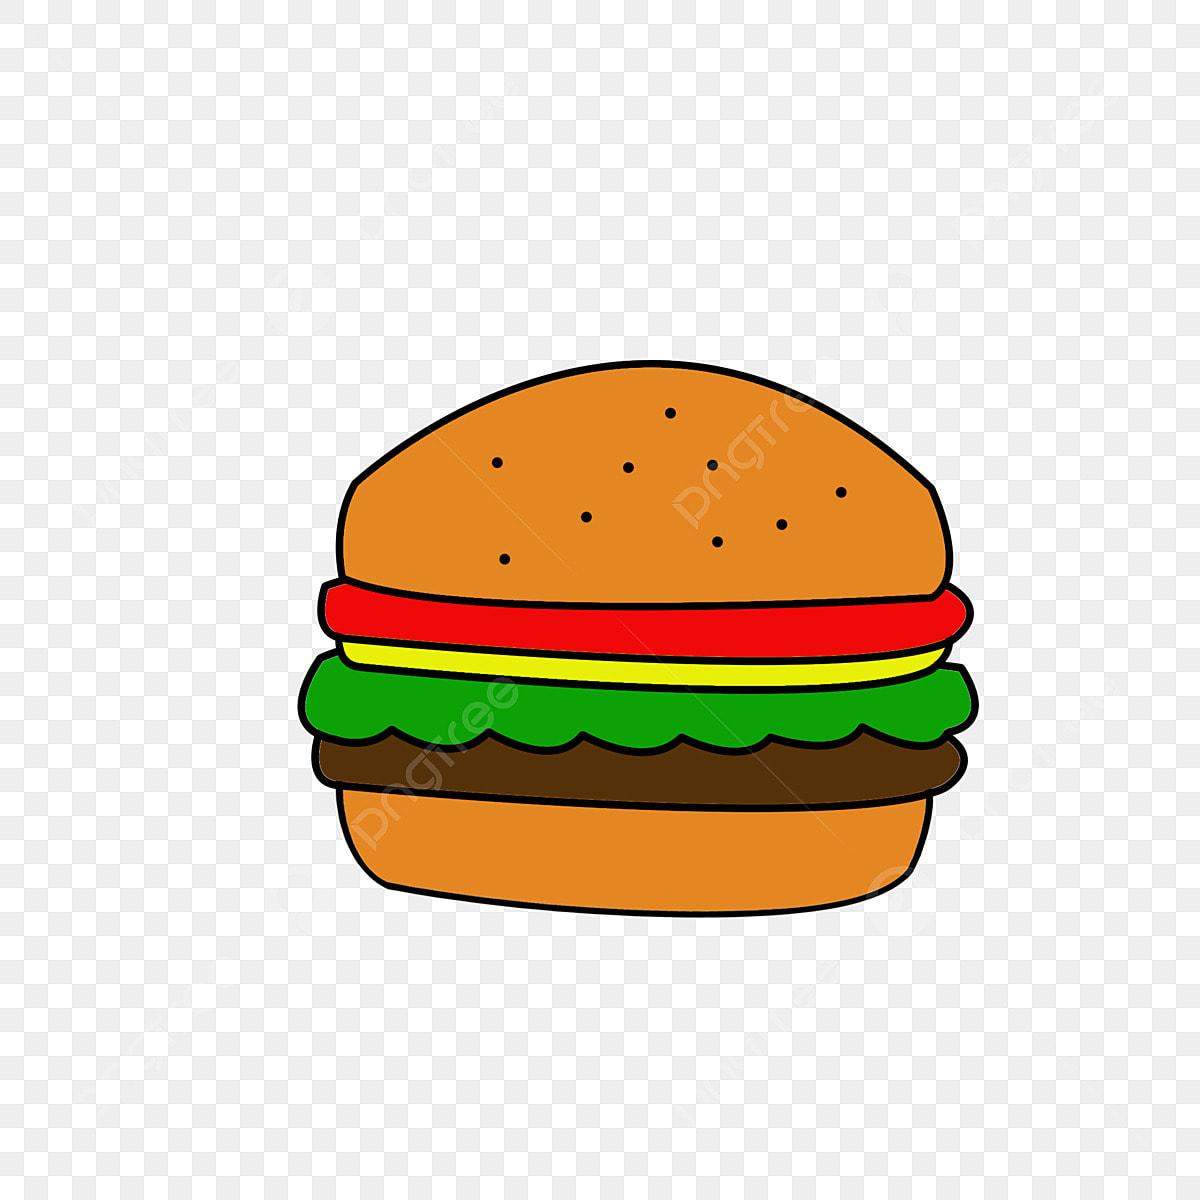 Hamburger De Dessin Animé Créatif Minimaliste Mignon Charmant Dessin Animé Créatif Fichier Png Et Psd Pour Le Téléchargement Libre